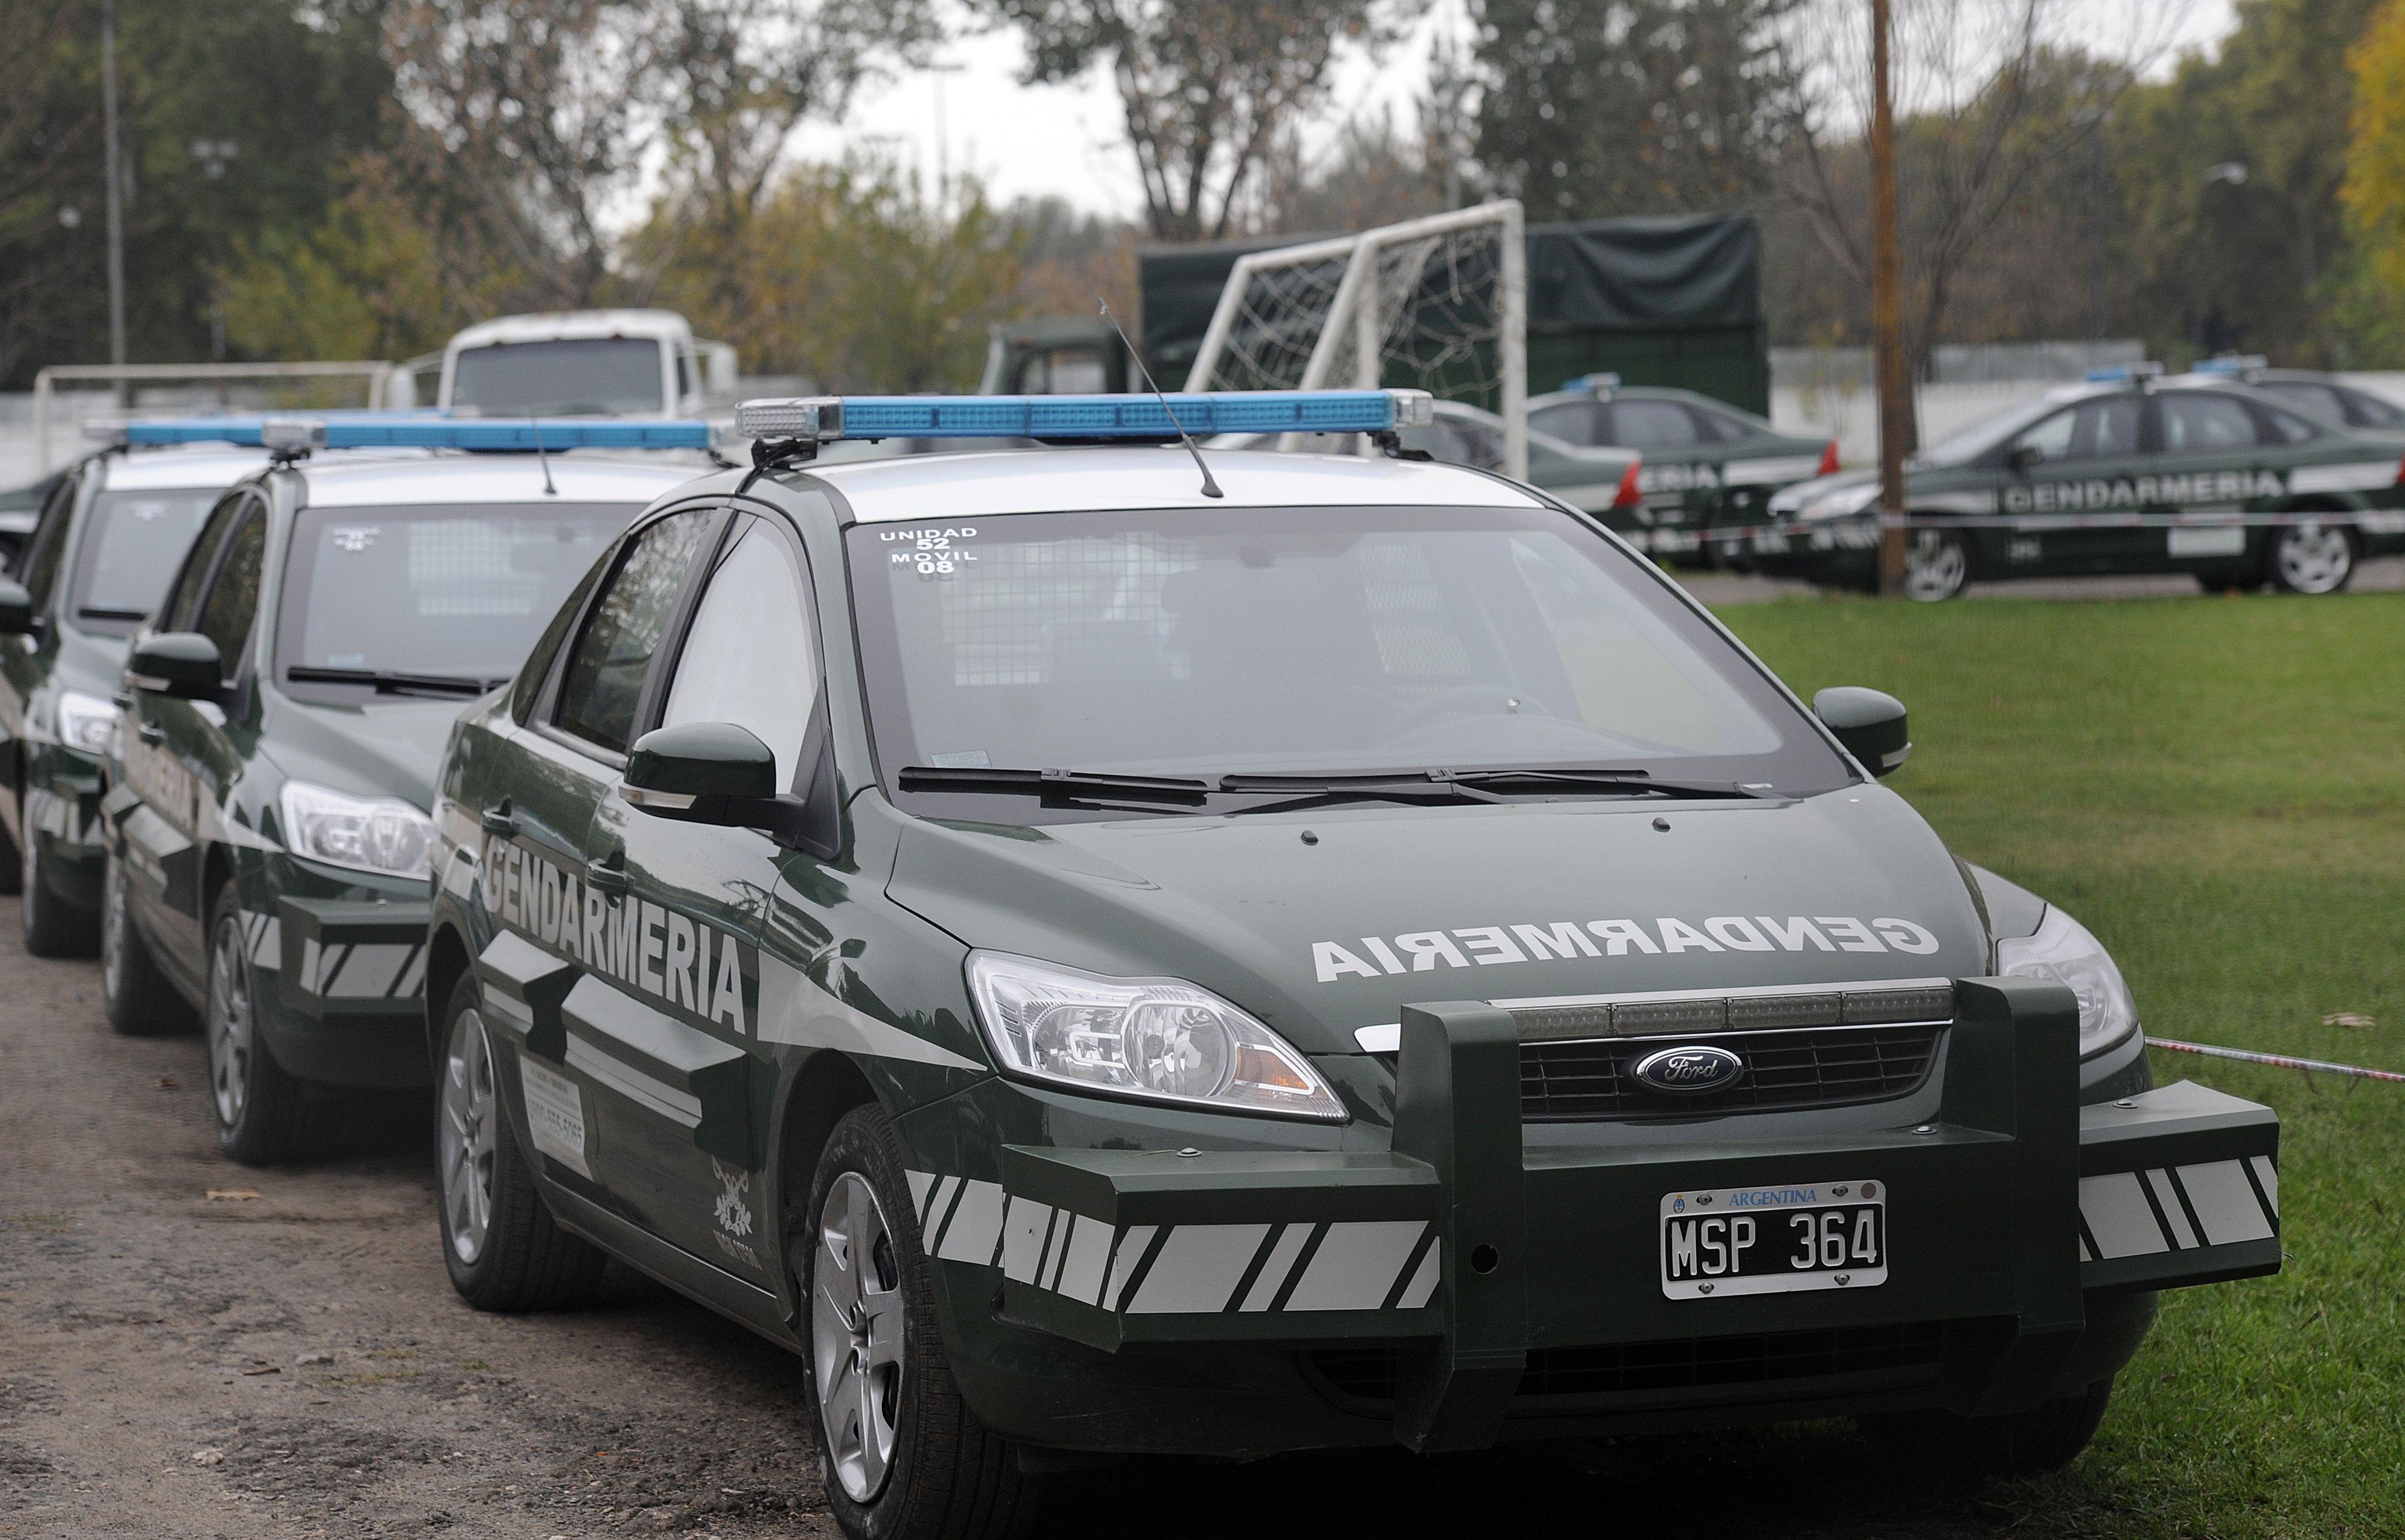 Los nuevos patrulleros saldrán hoy a las calles de Rosario. (Foto: F. Guillén)